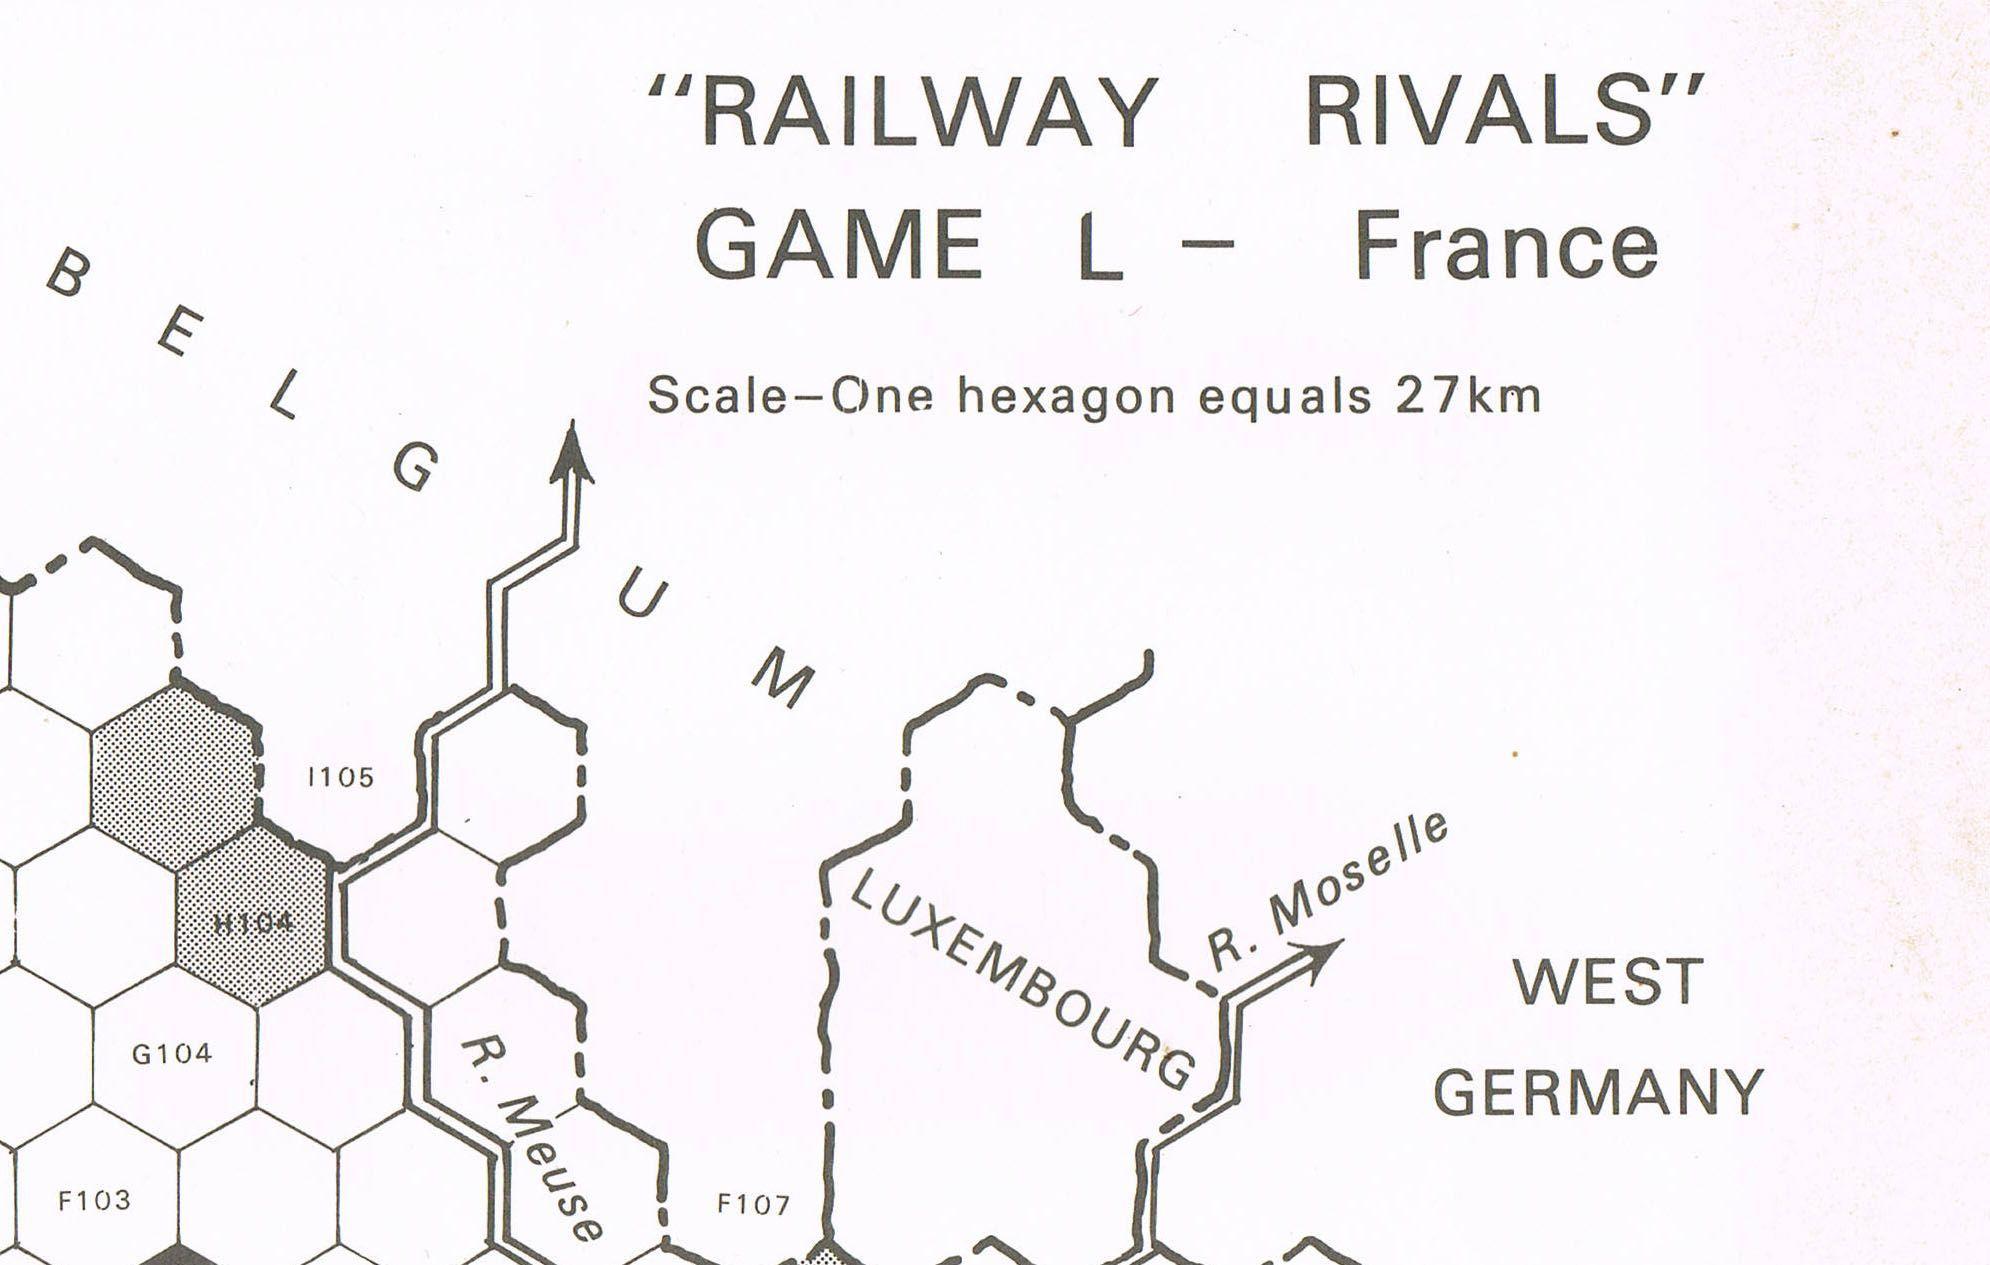 Railway Rivals Map L: France